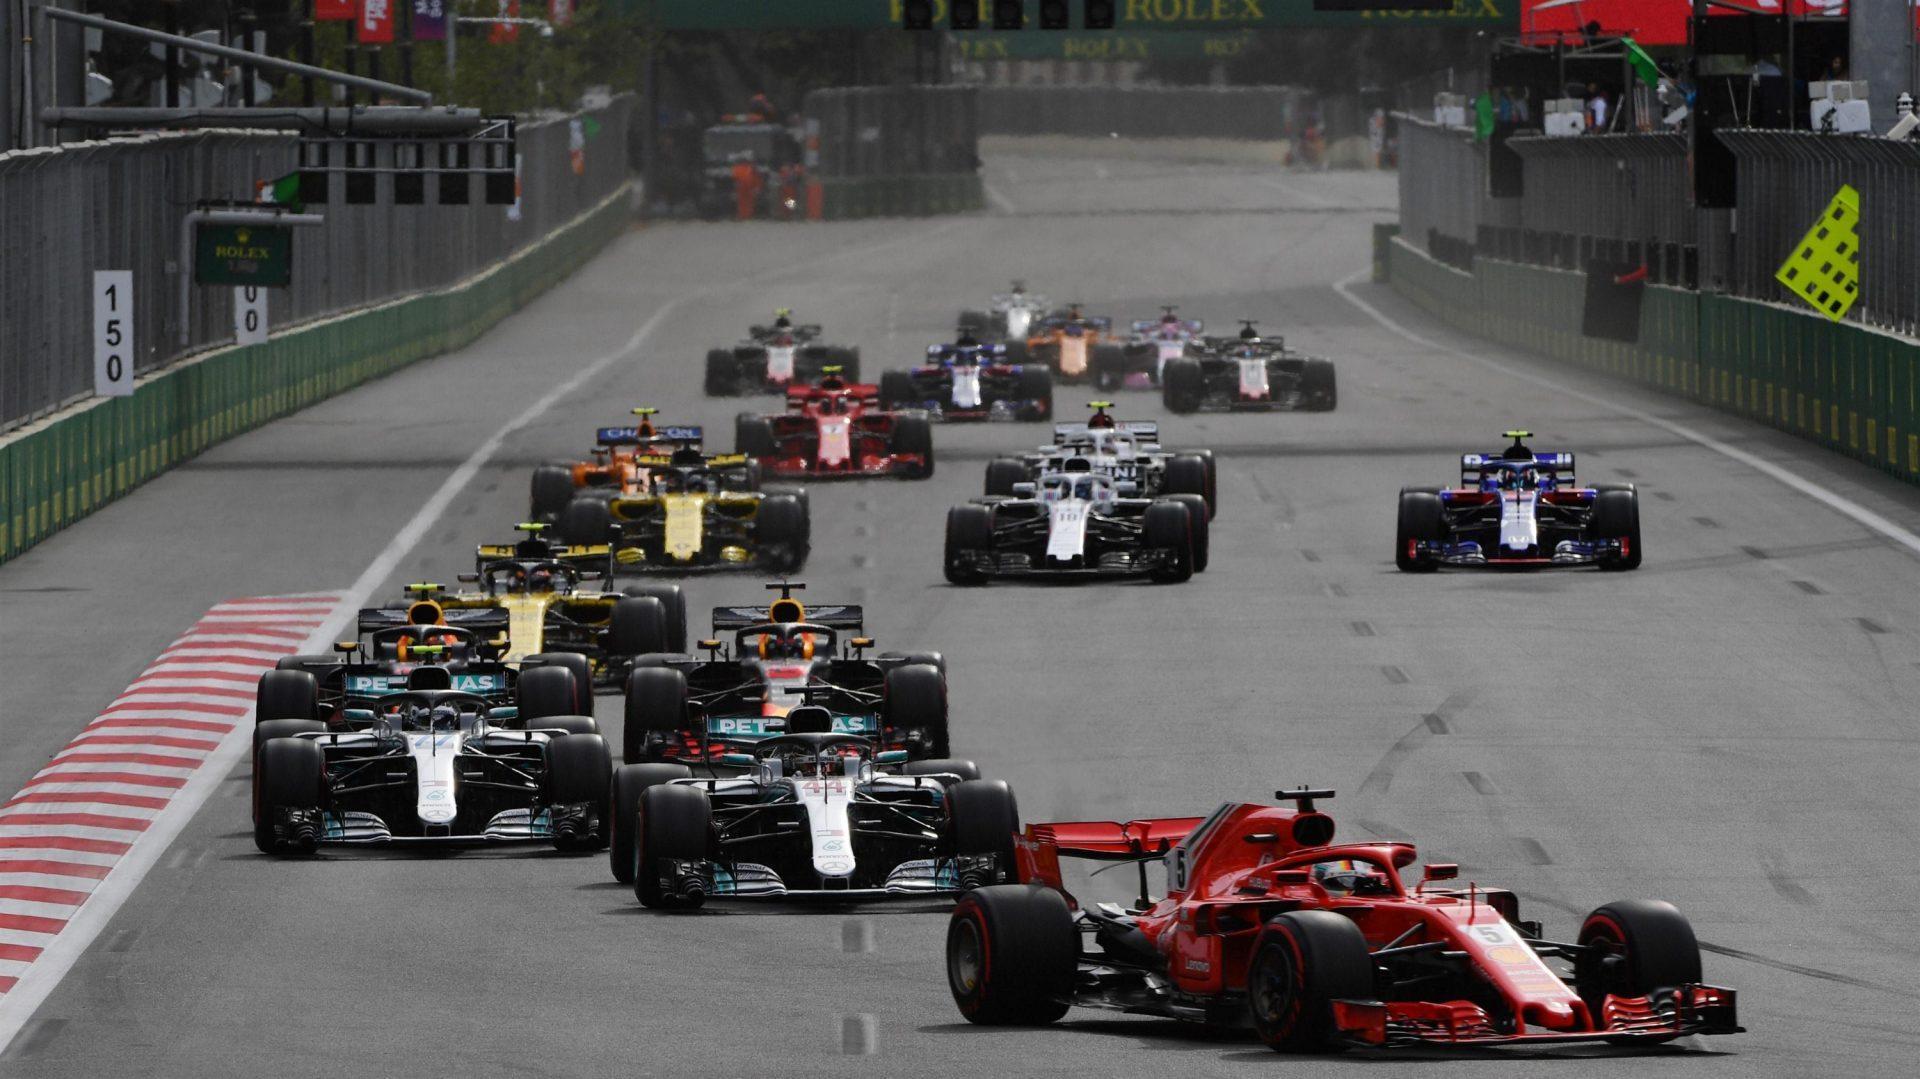 Miami pourrait accueillir un Grand Prix dès 2019 | Actu ...